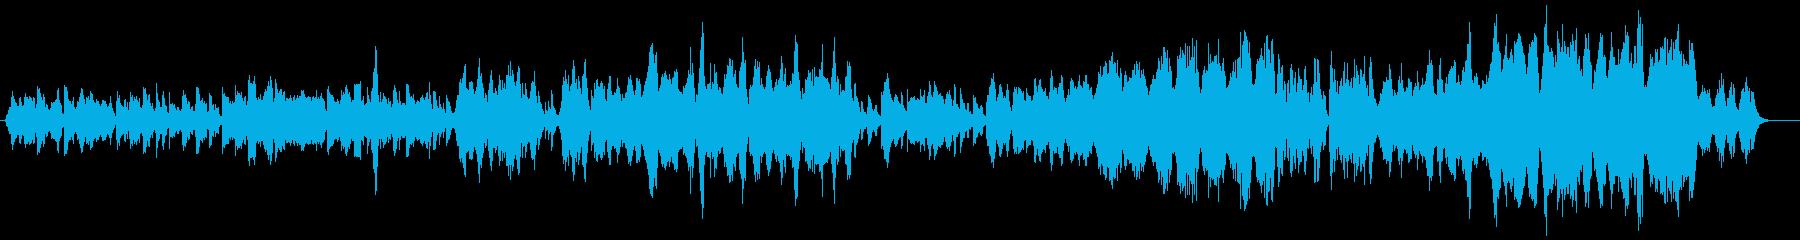 弦楽五重奏編成による安らぎに包まれた曲の再生済みの波形